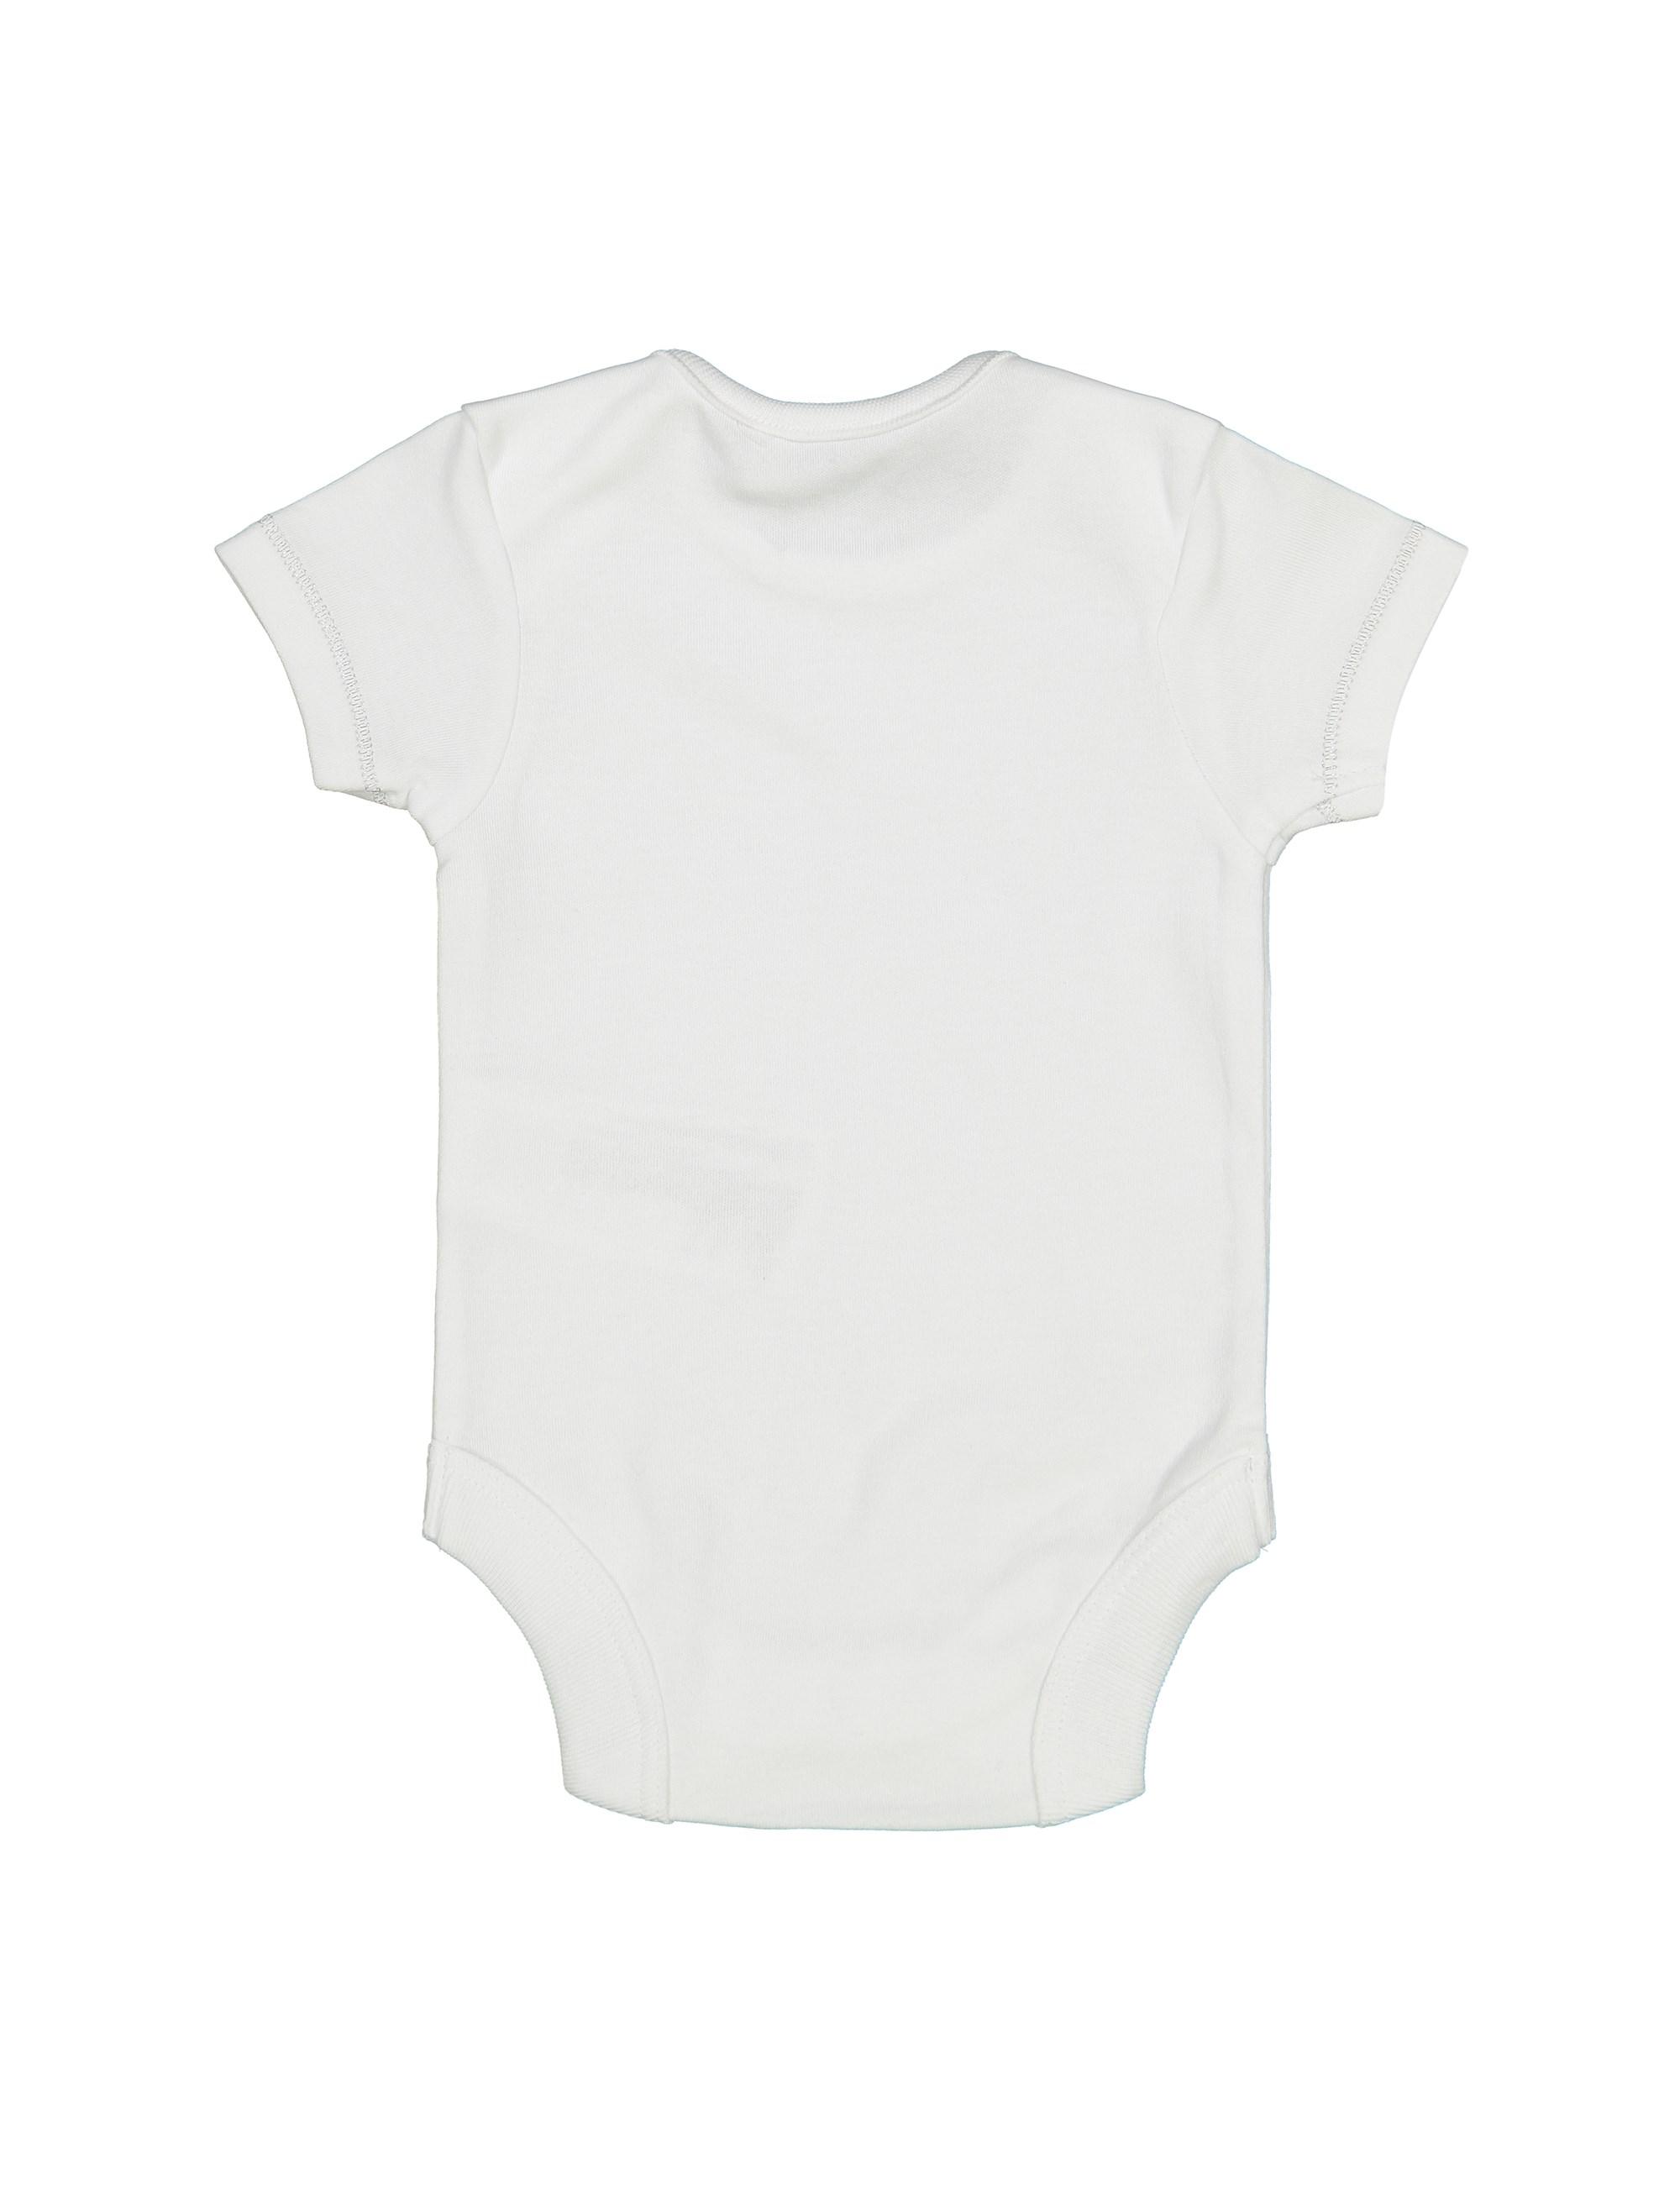 ست 6 تکه نخی نوزادی - سفيد - 7